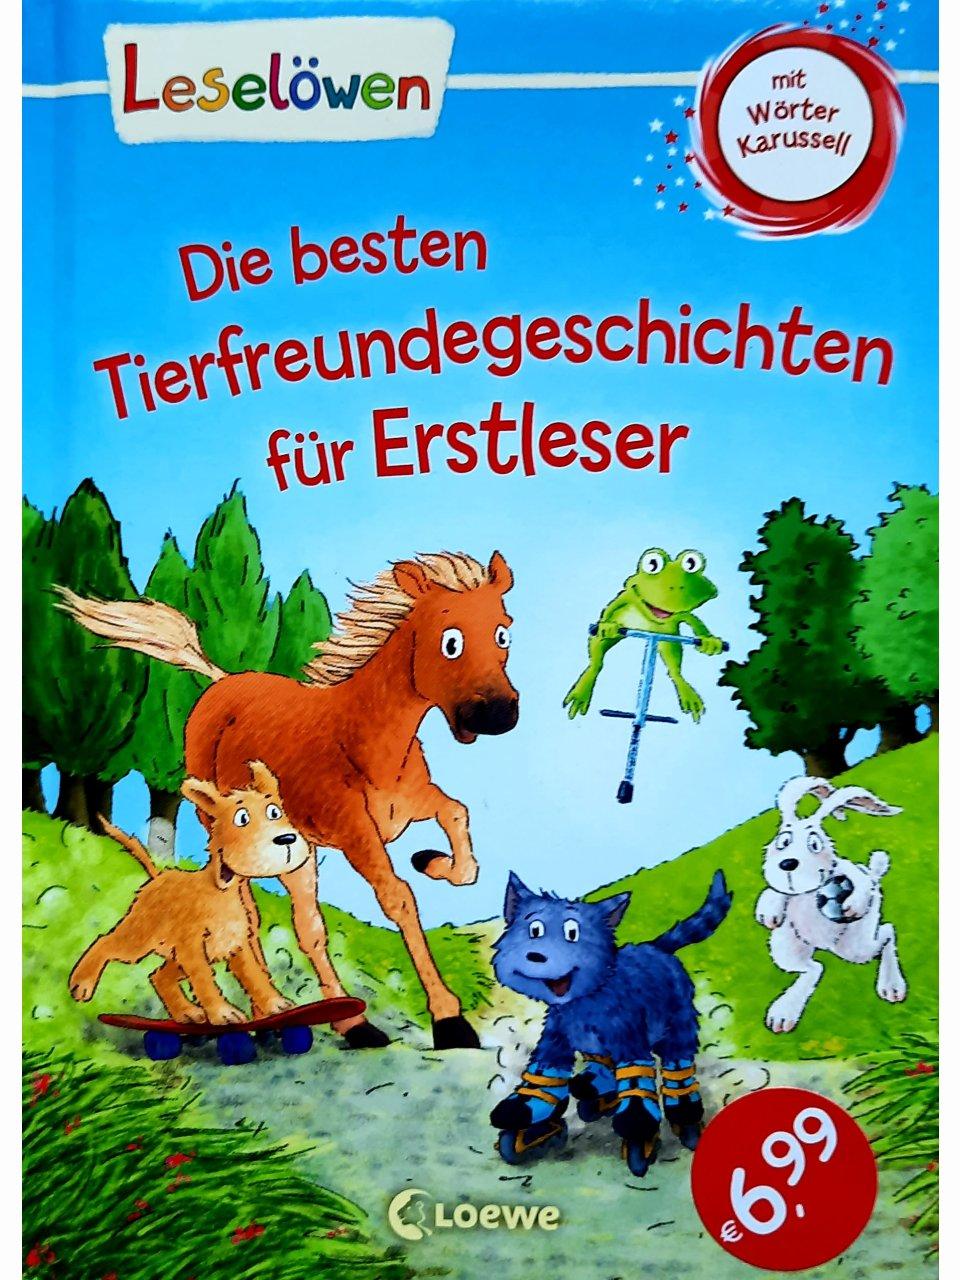 Leselöwen - Die besten Tierfreundegeschichten für Erstleser